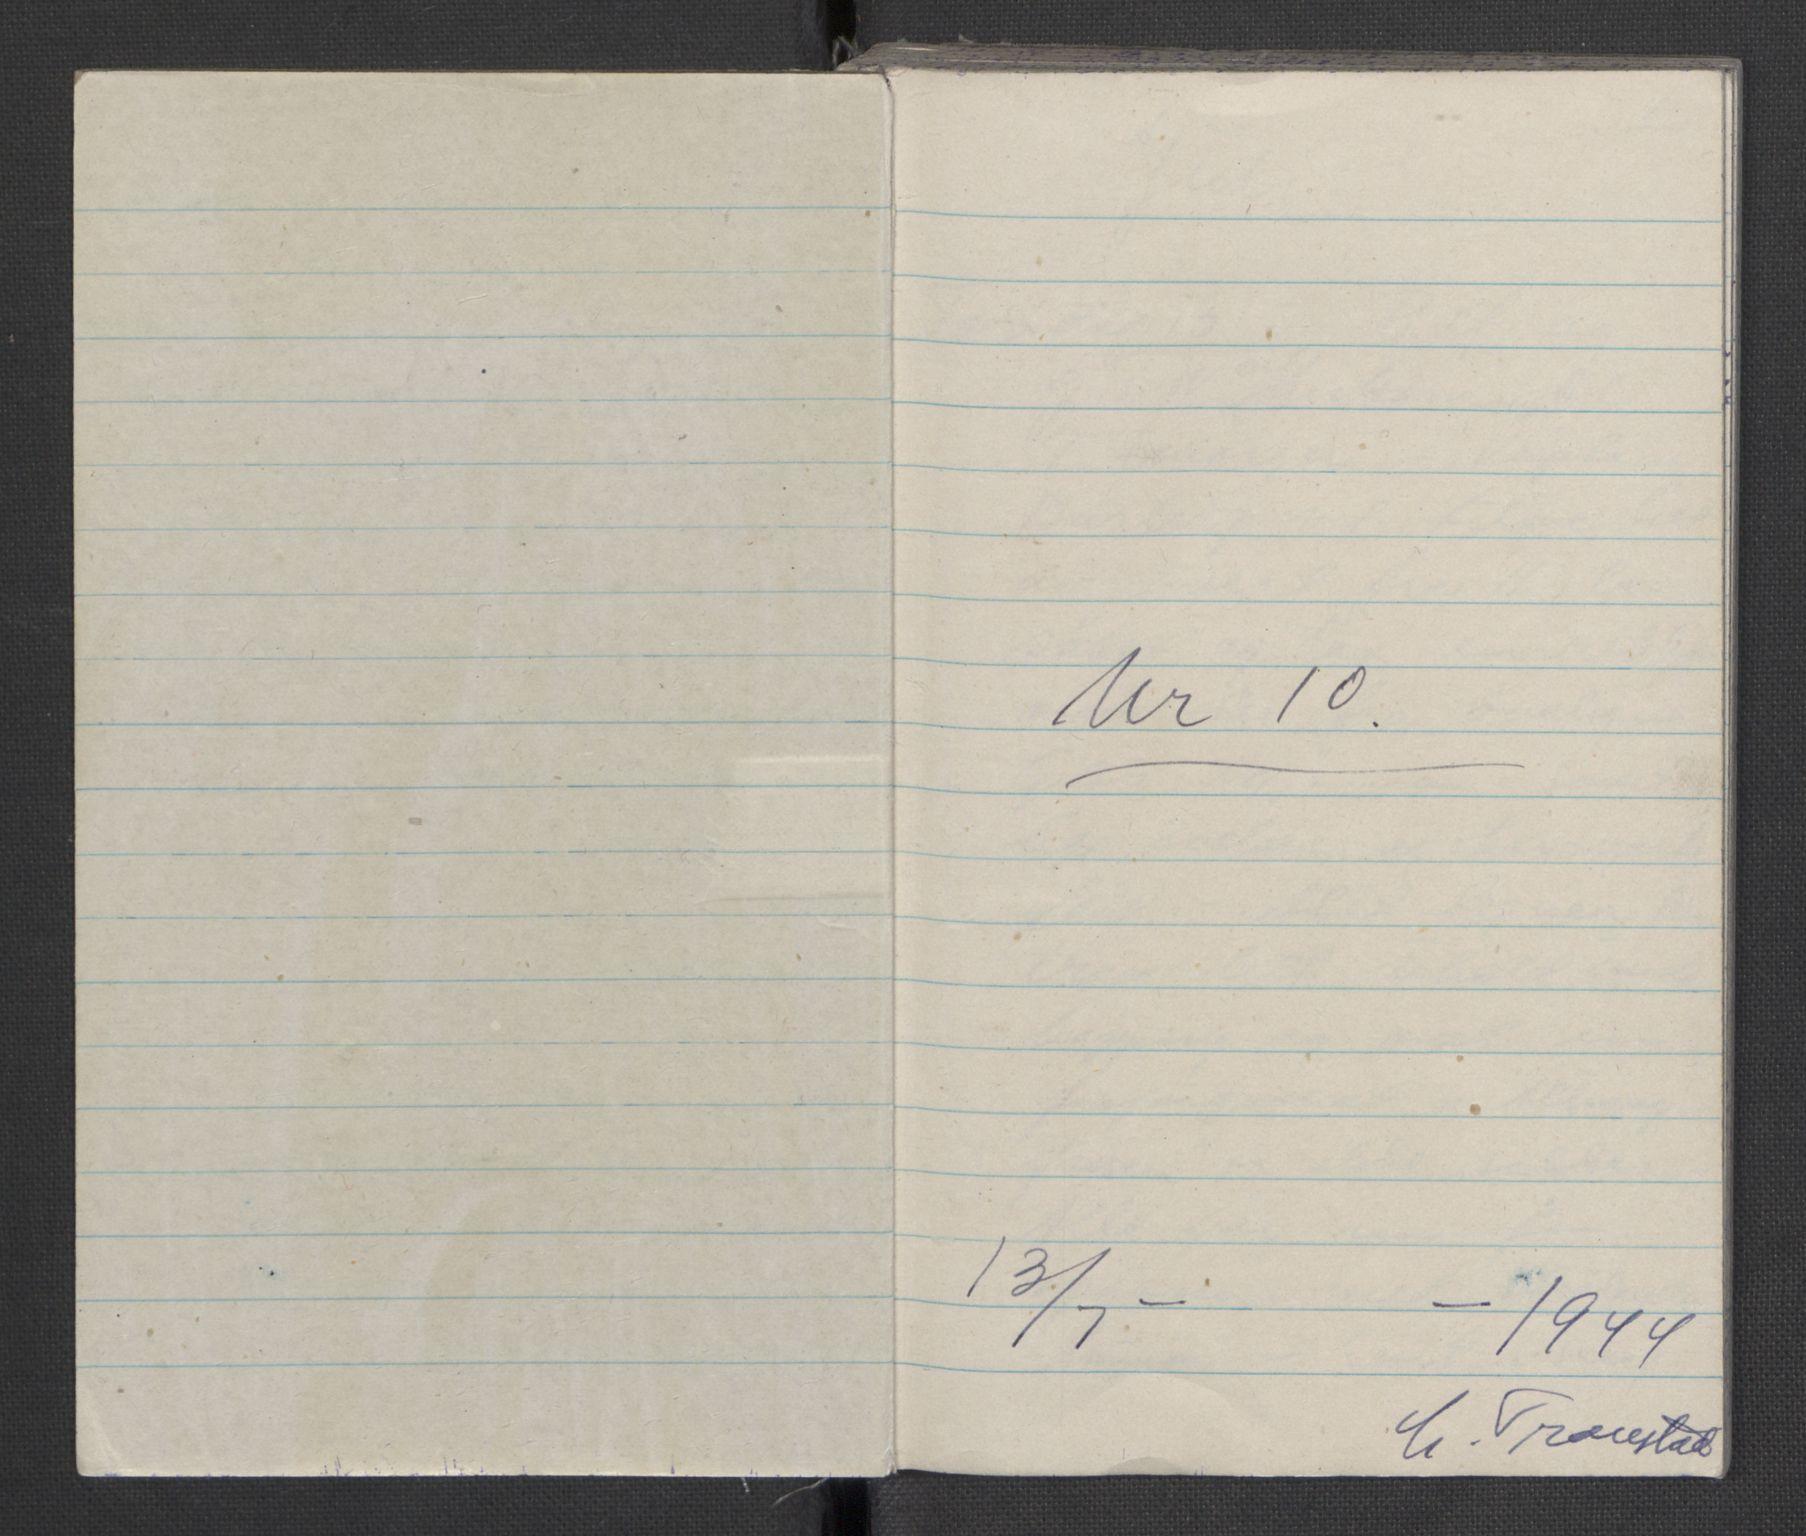 RA, Tronstad, Leif, F/L0001: Dagbøker, 1941-1945, s. 741